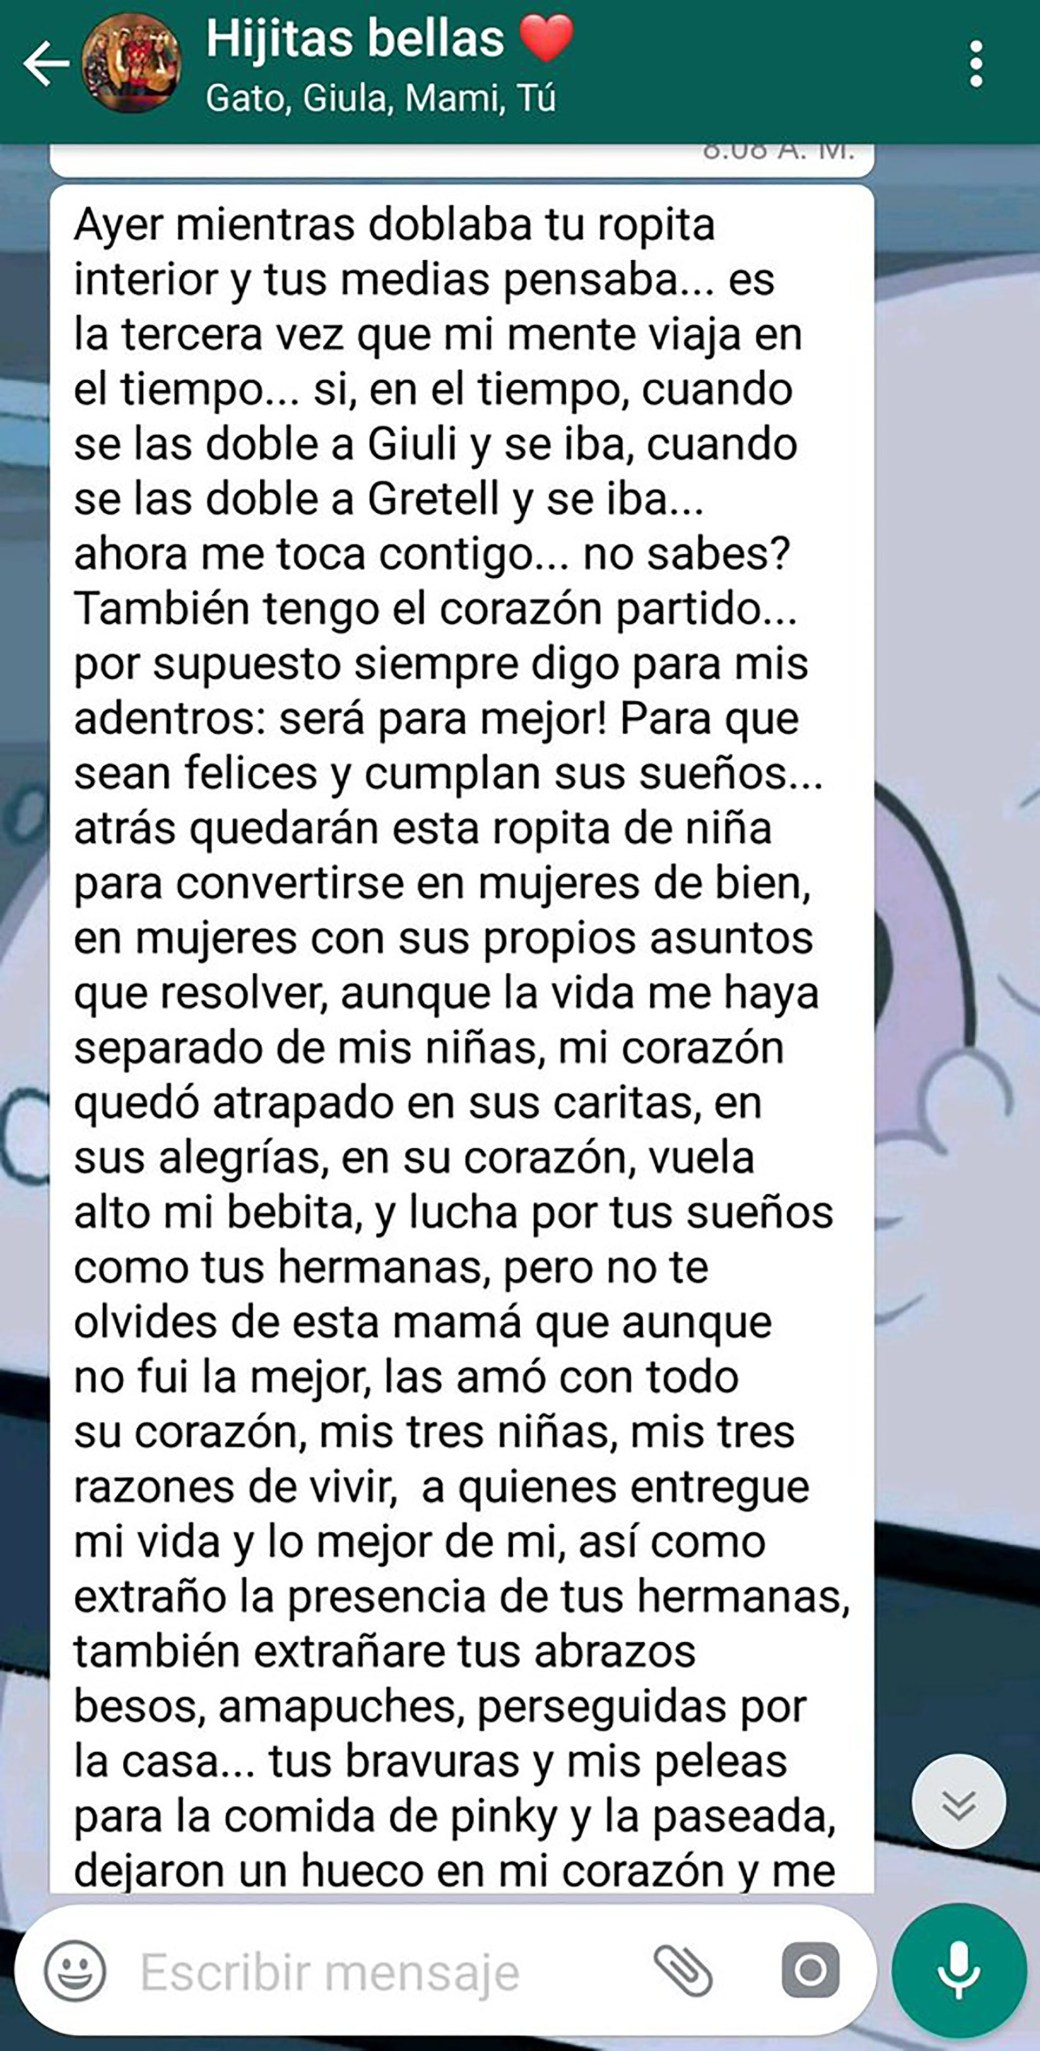 El mensaje enviado por la madre